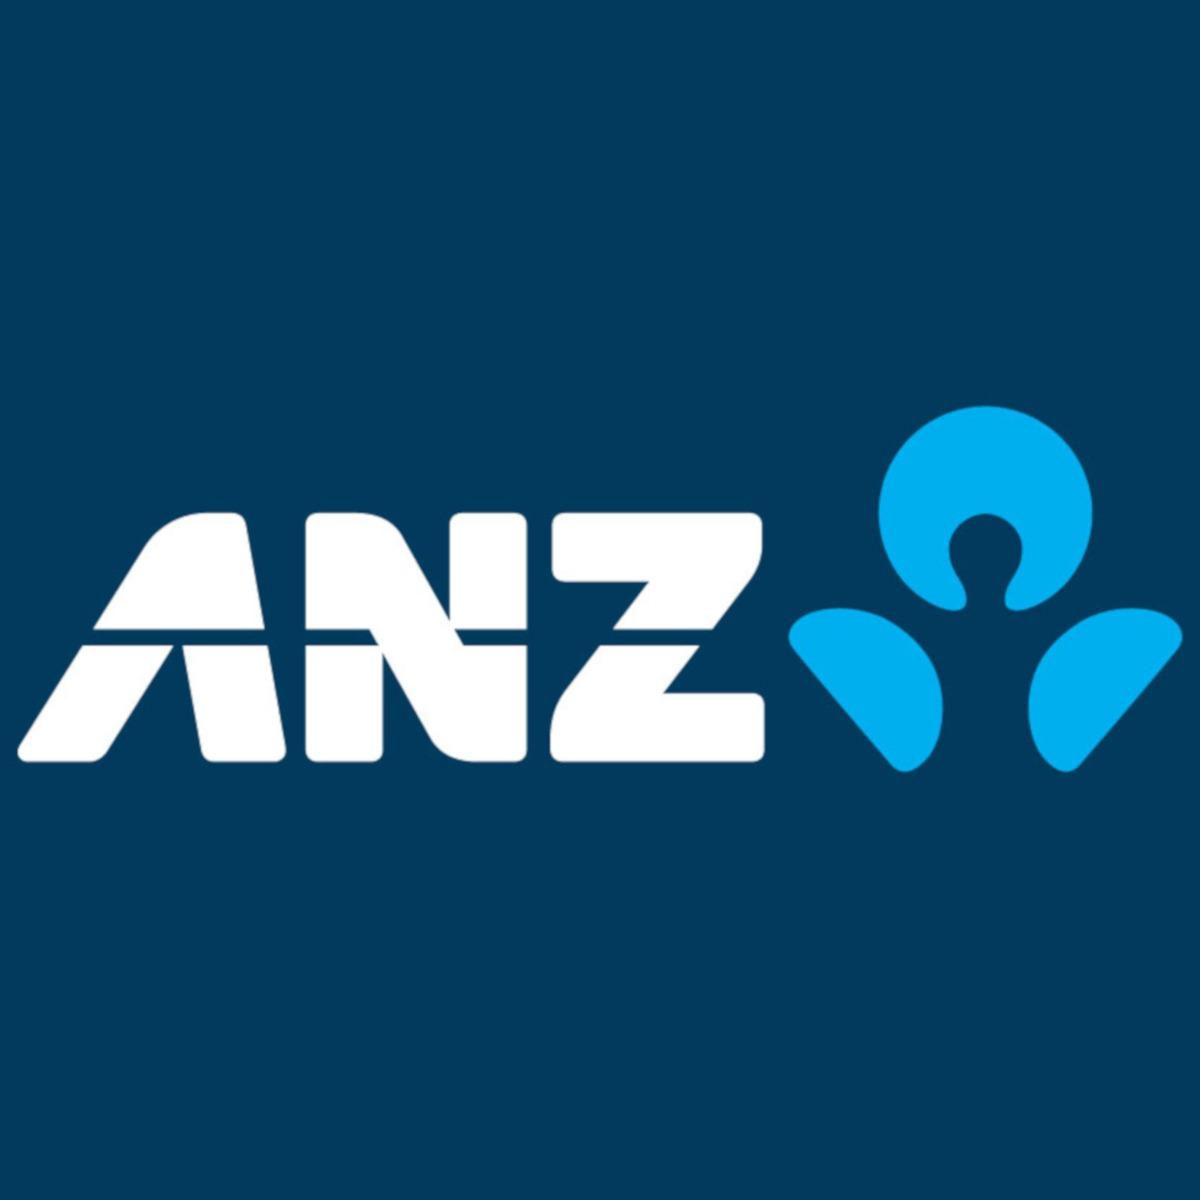 ANZ 1200x1200 logo